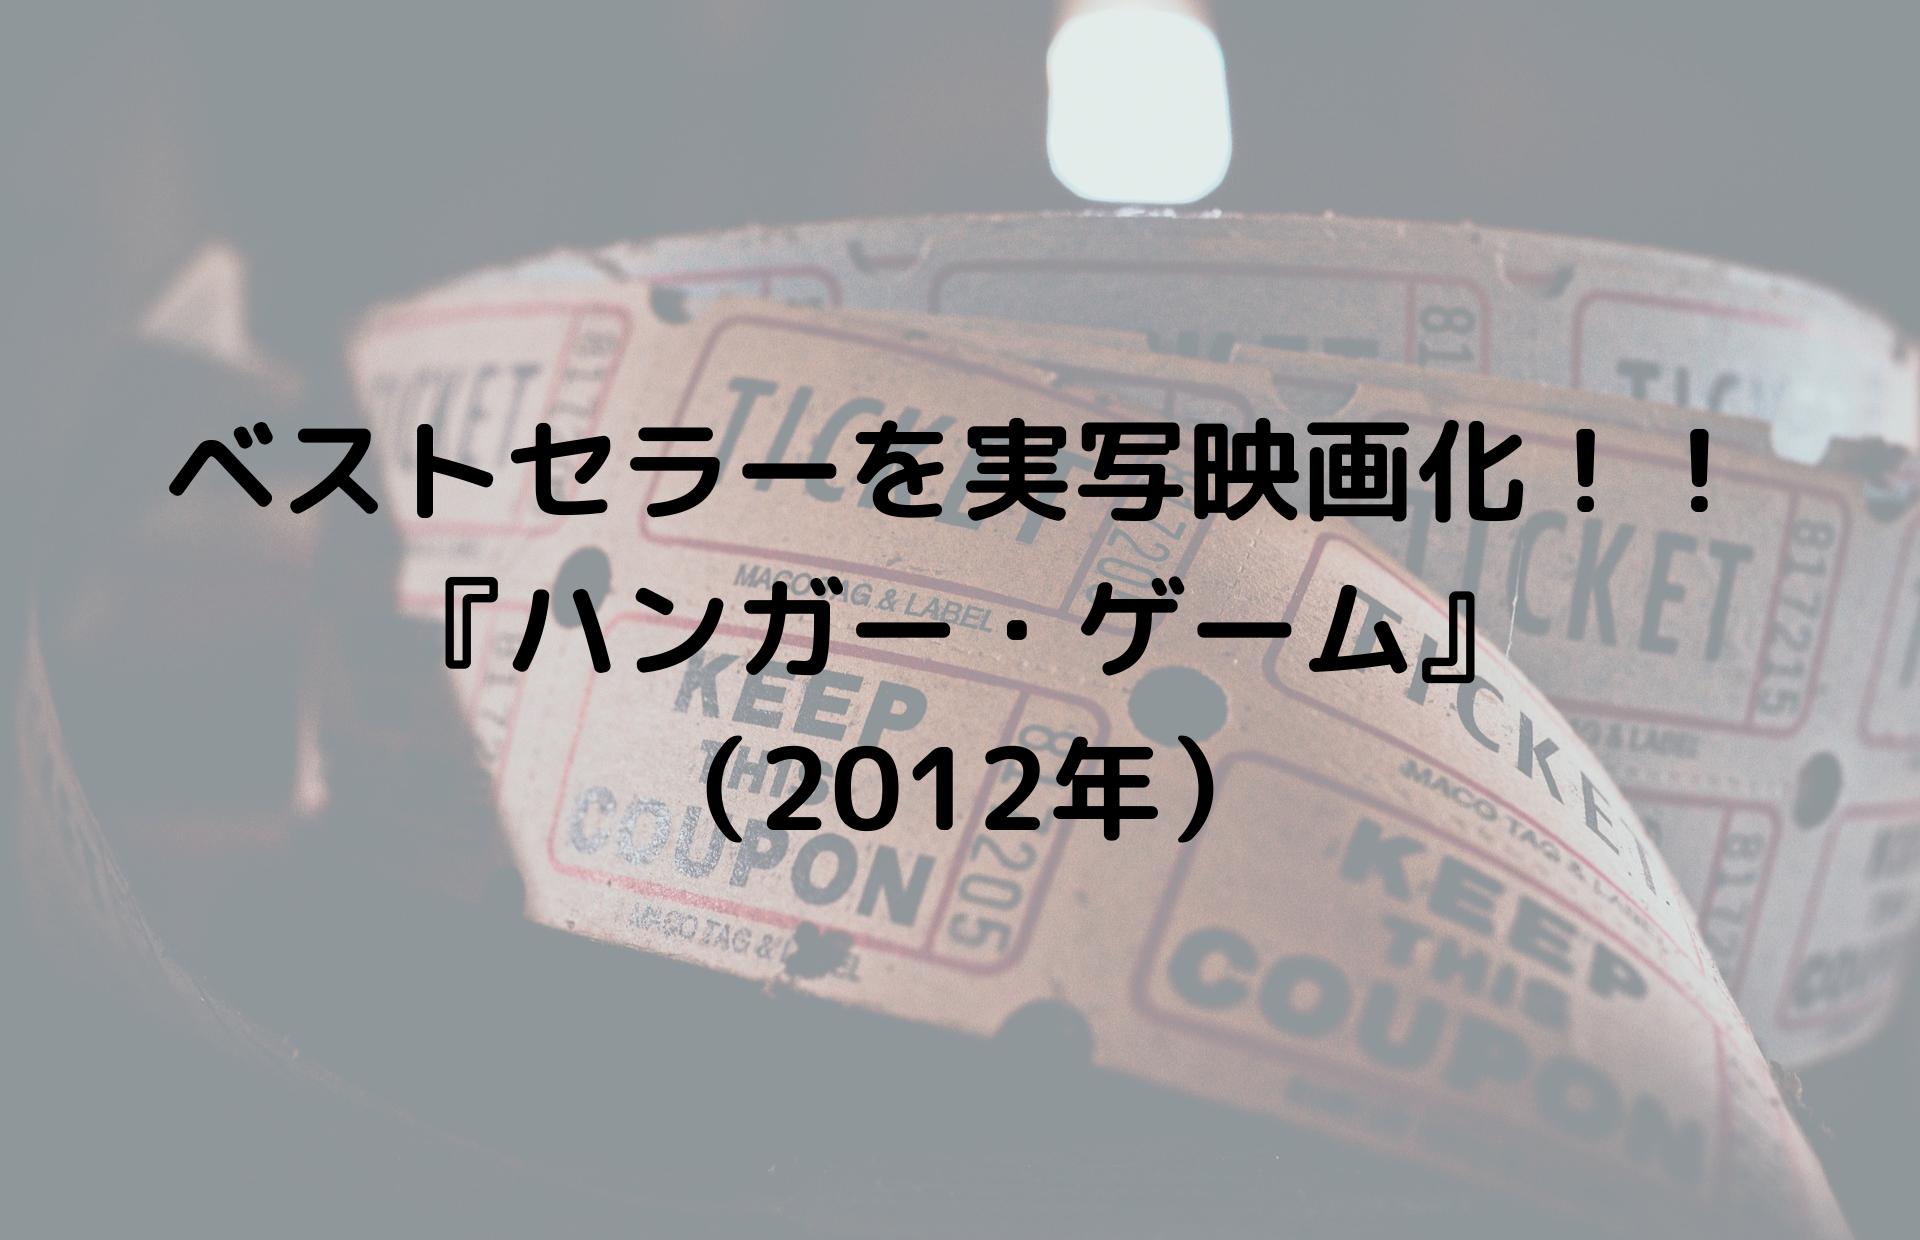 『ハンガー・ゲーム』(2012年)/ベストセラーを実写映画化!!